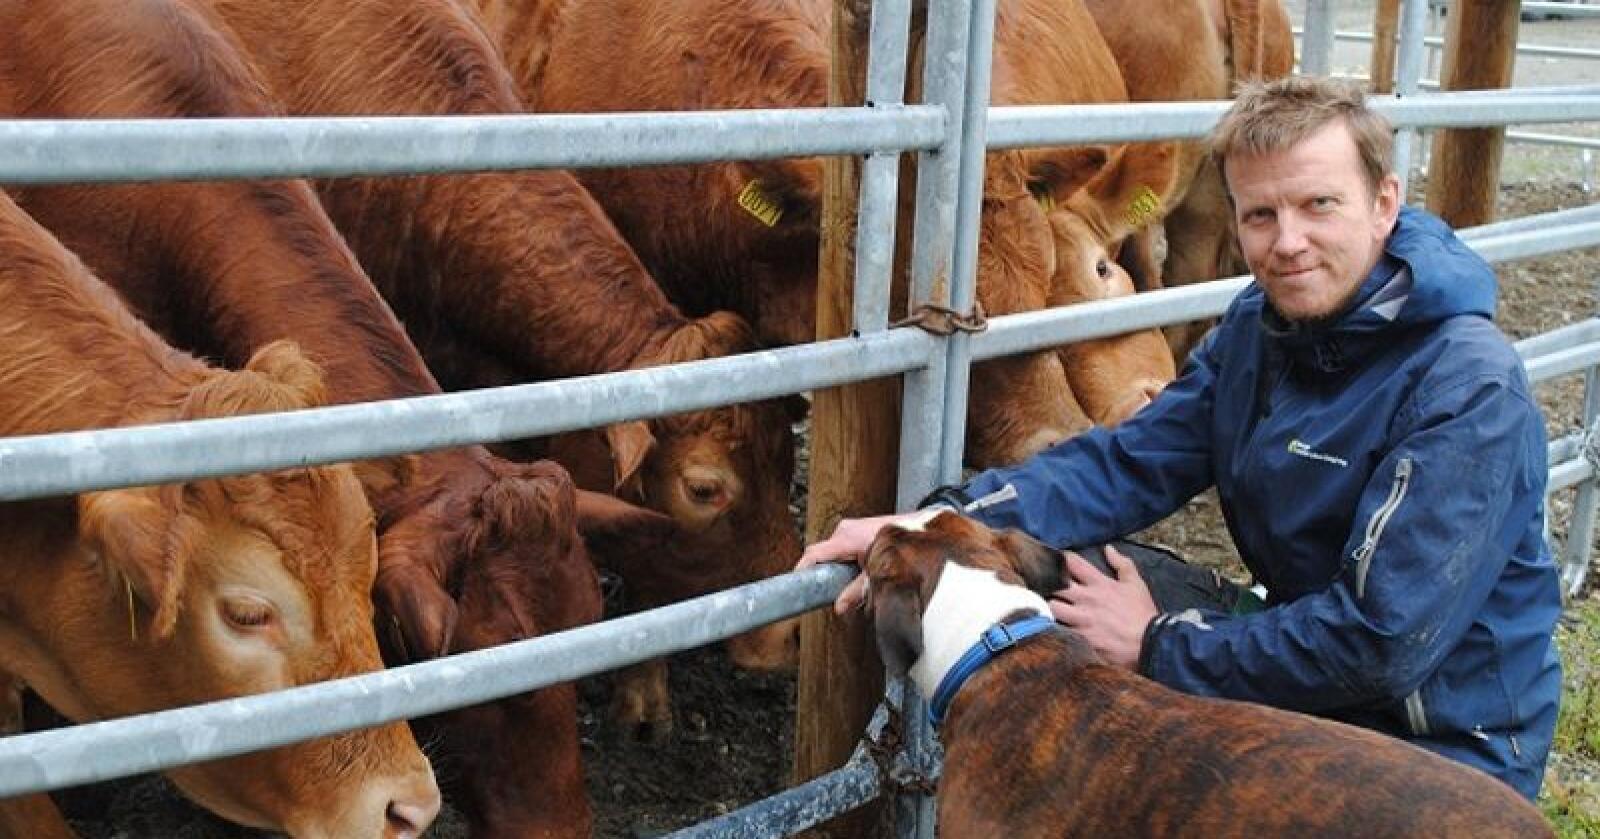 Sivert Mauset driver med ammeku og korn i Surnadal på Nordmøre. Han er forundret over at diskusjonen om styrking av kornøkonomien kun dreier seg om to virkemiddel, arealtilskudd og målpris.